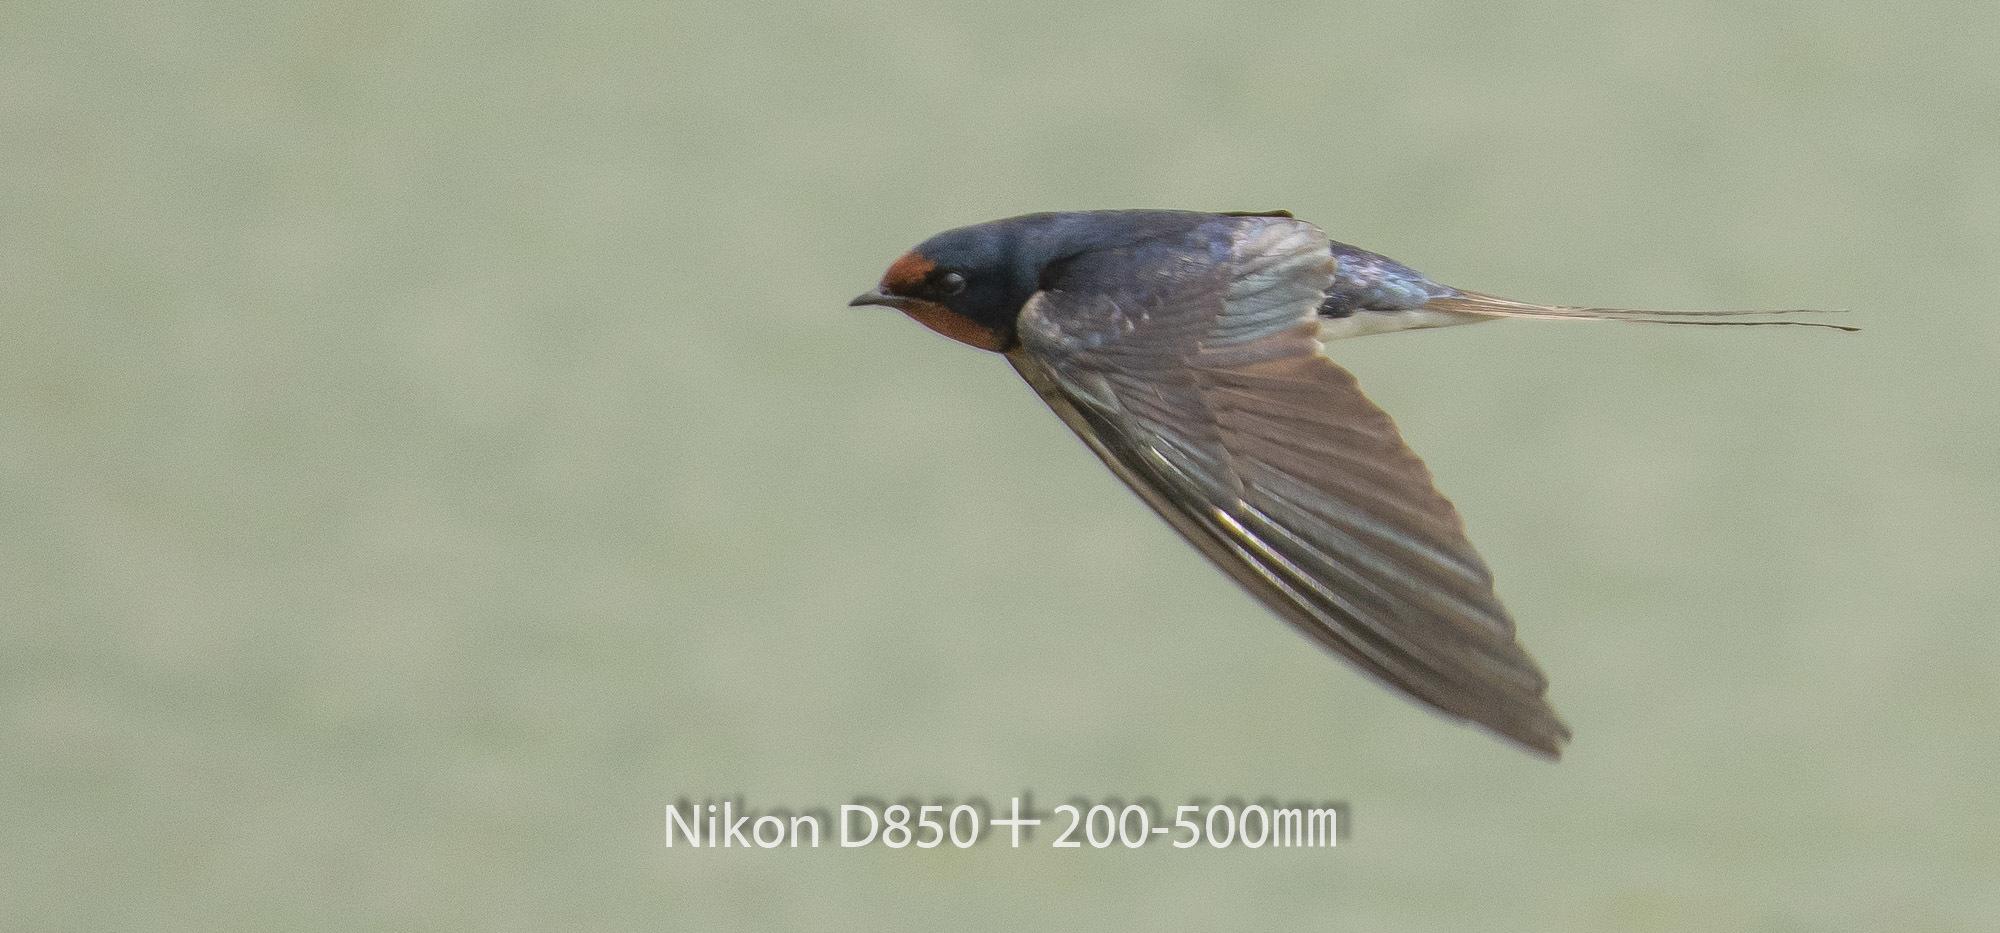 190331 ツバメ-04 NIKON D850 ISO 640 500 mm 2593 x 1210